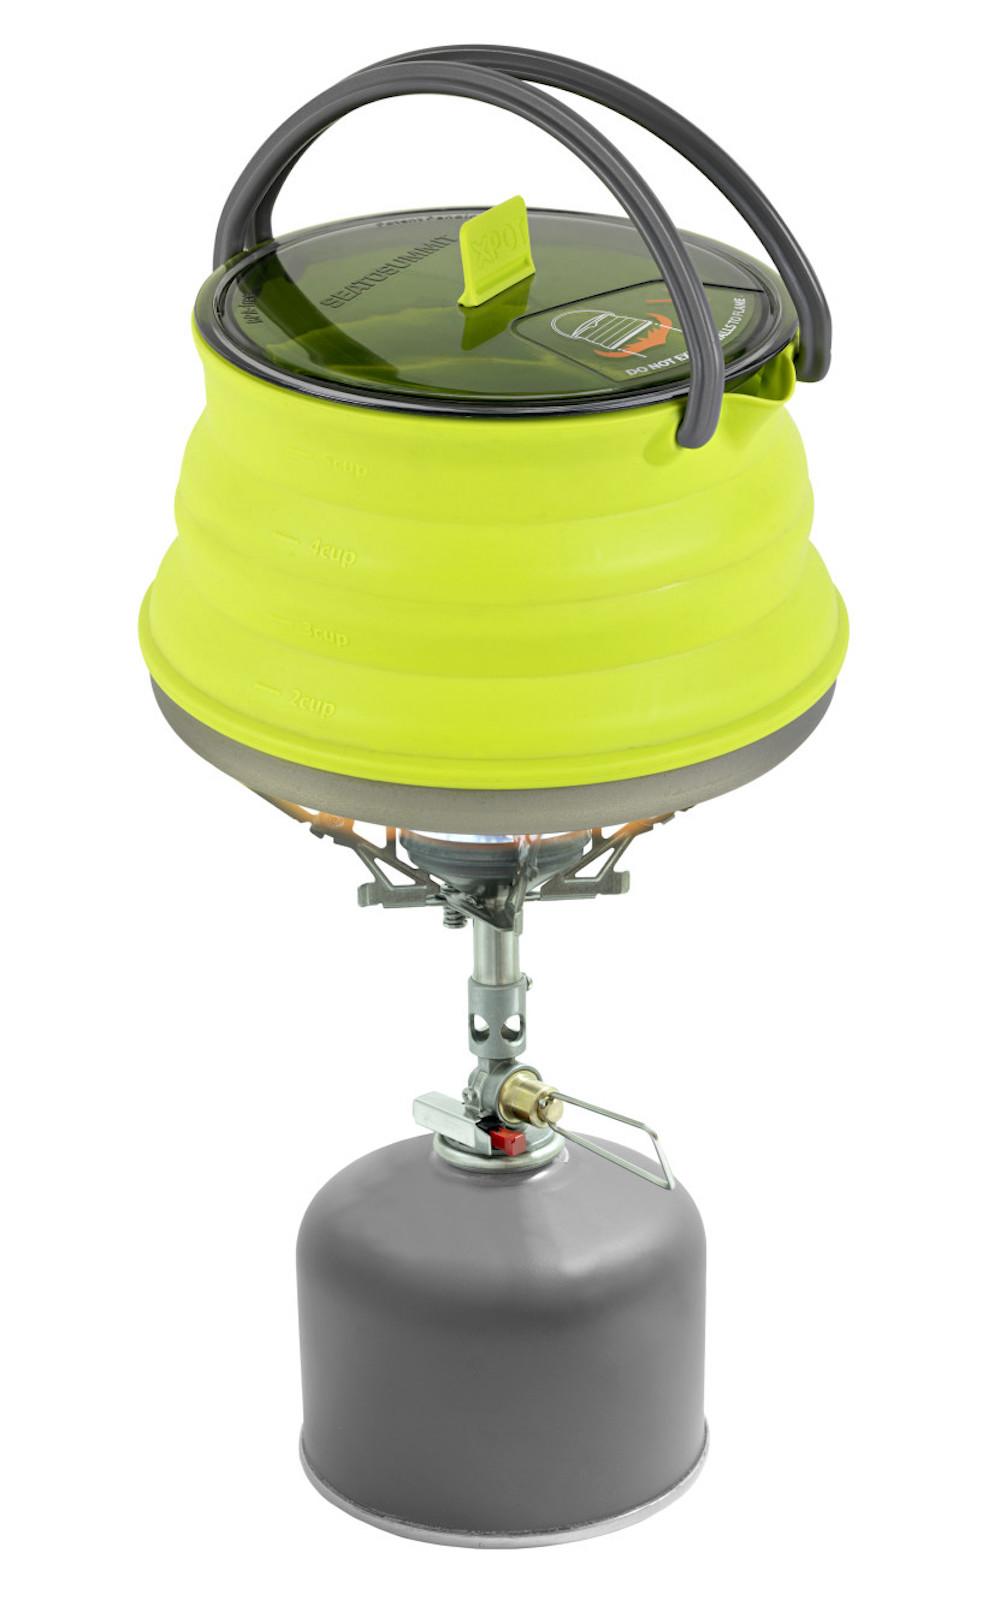 Sea to Summit - X-Pot Kettle 1.3 Liter, Zwei-Personen-Kessel